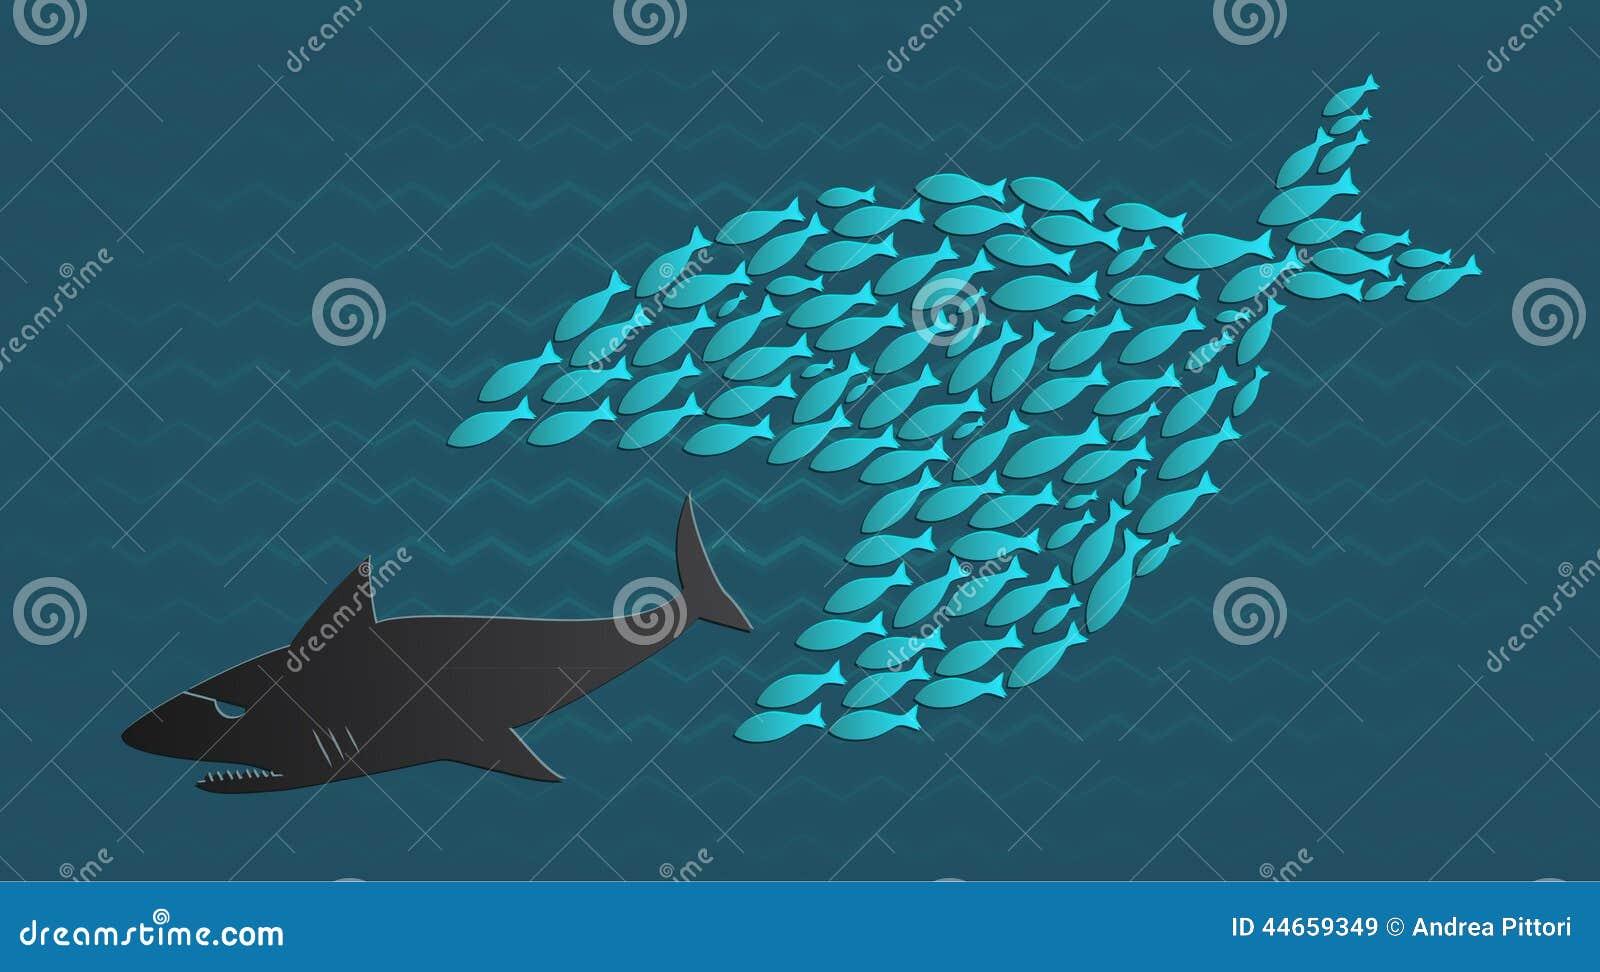 Wpólnie stoimy: Duża Mała ryba je Dużej ryba